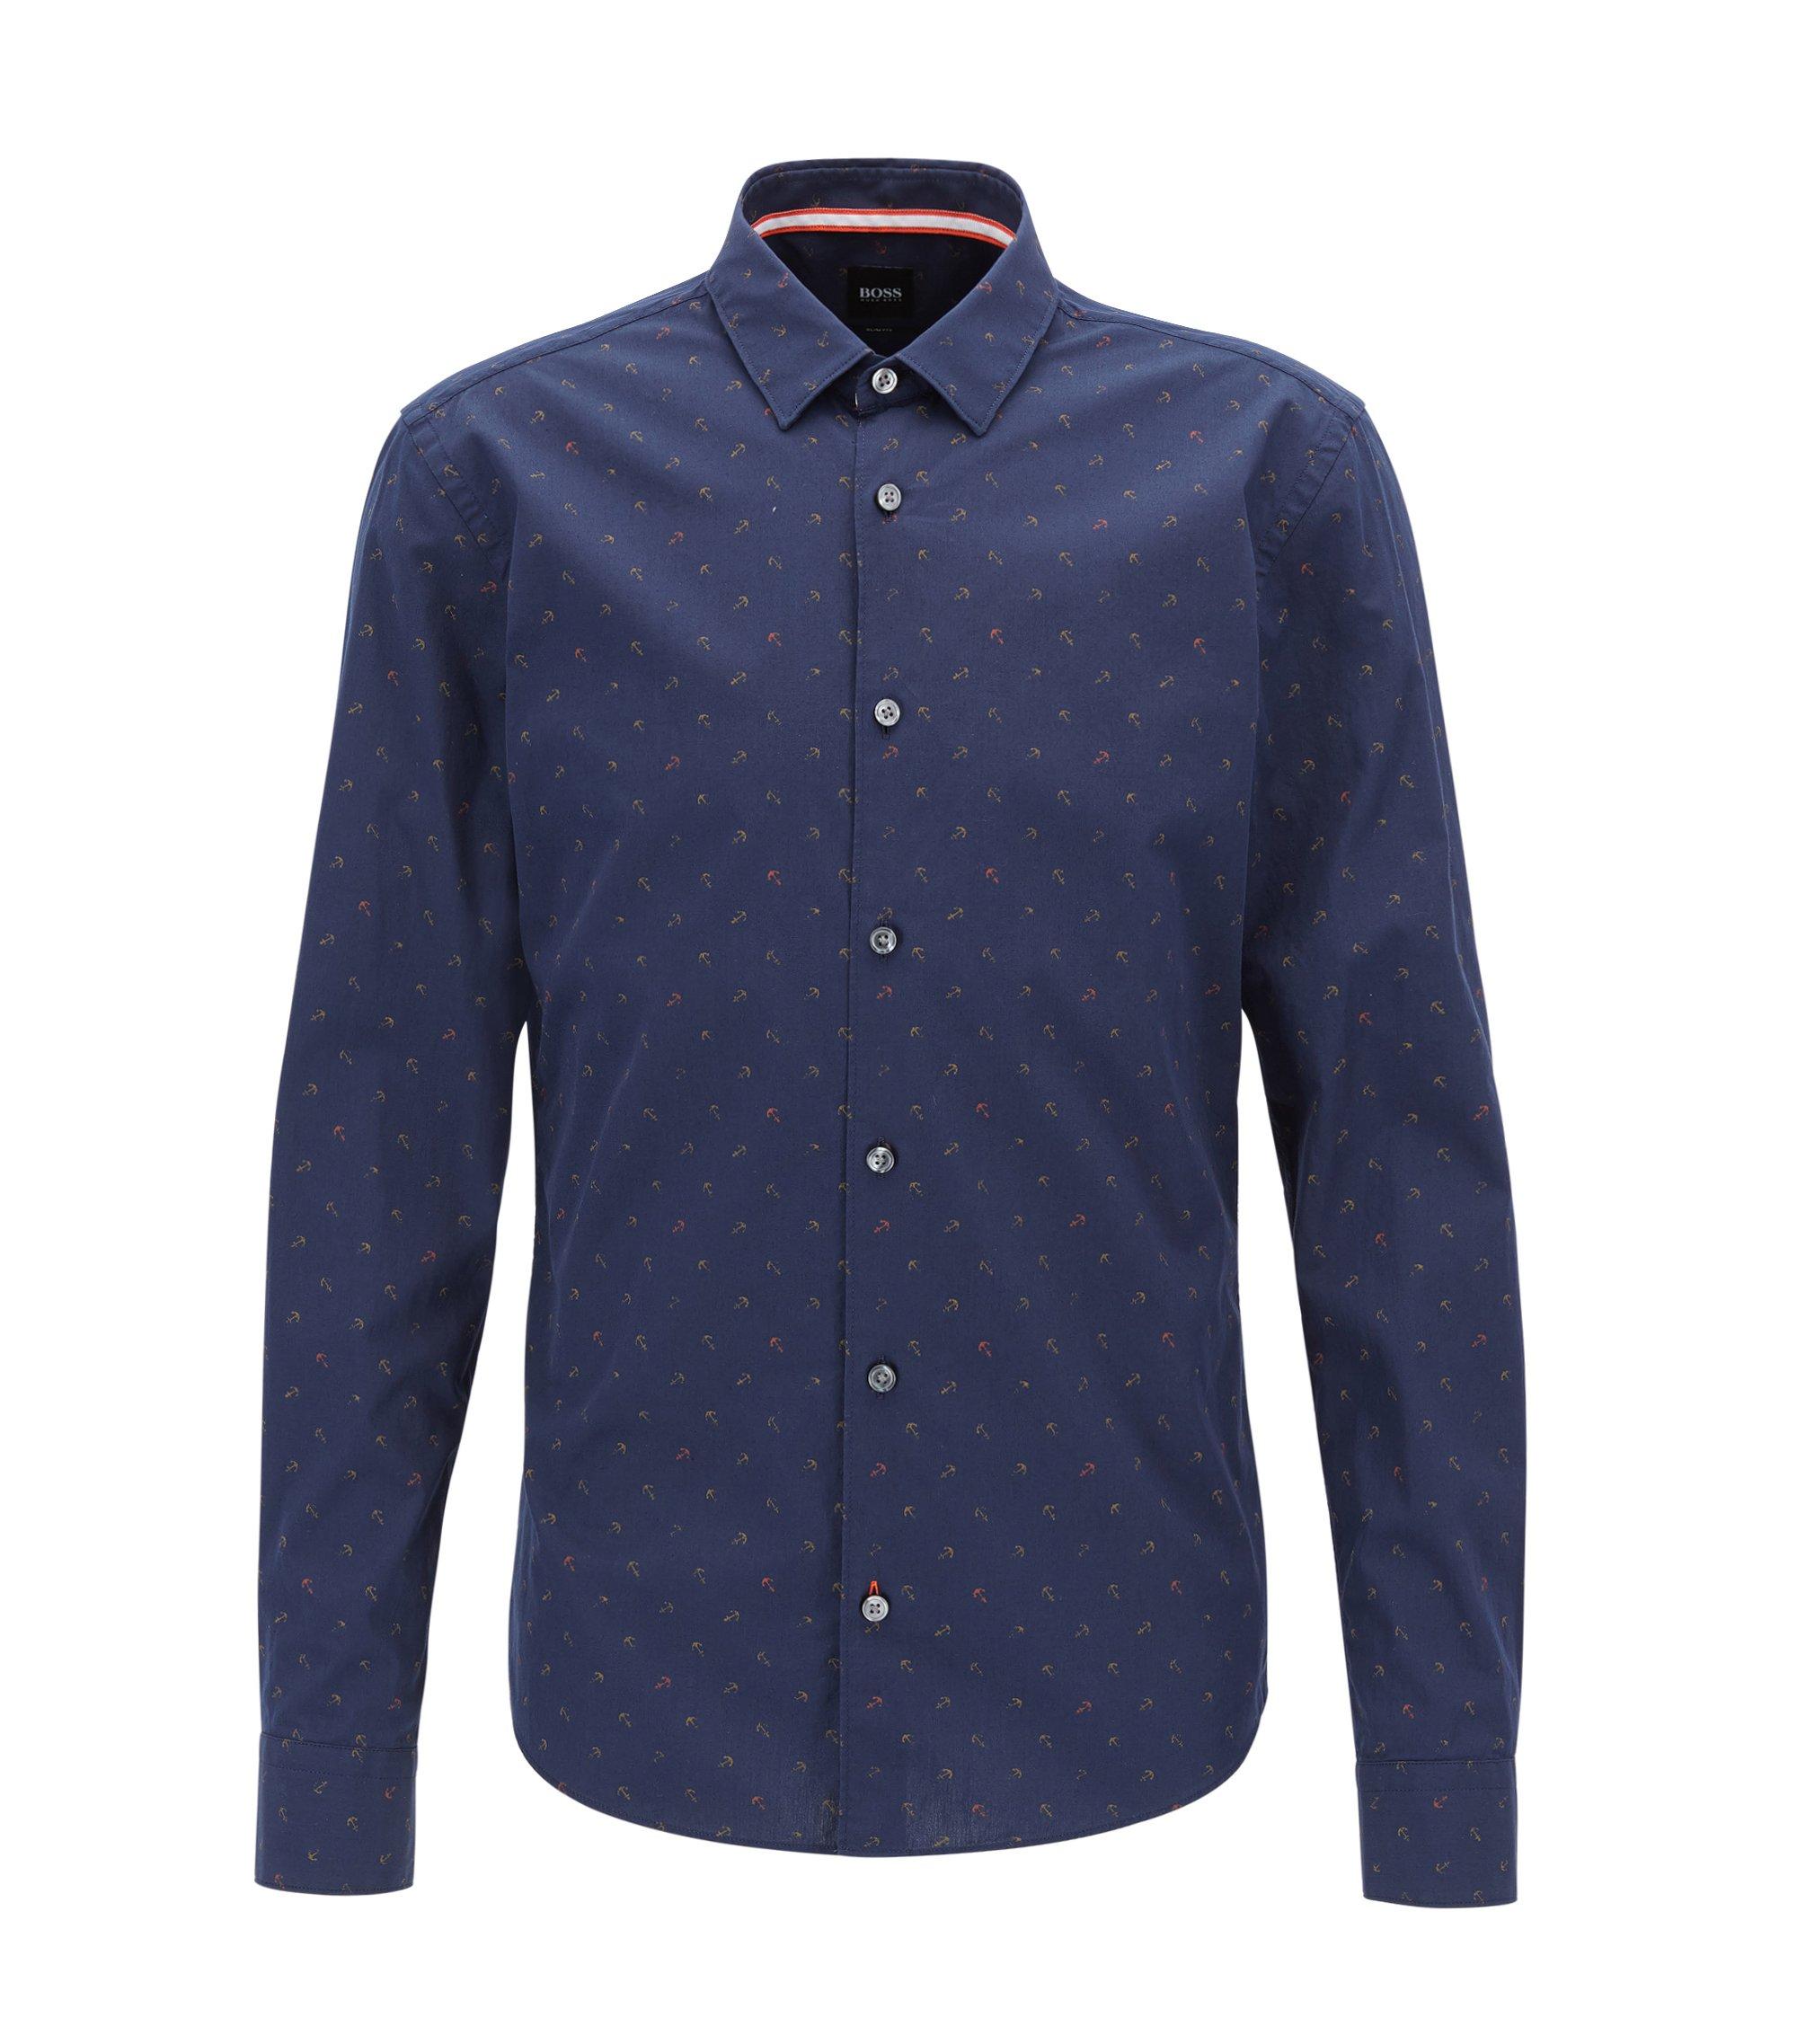 Camicia slim fit in cotone con ancore stampate, Blu scuro